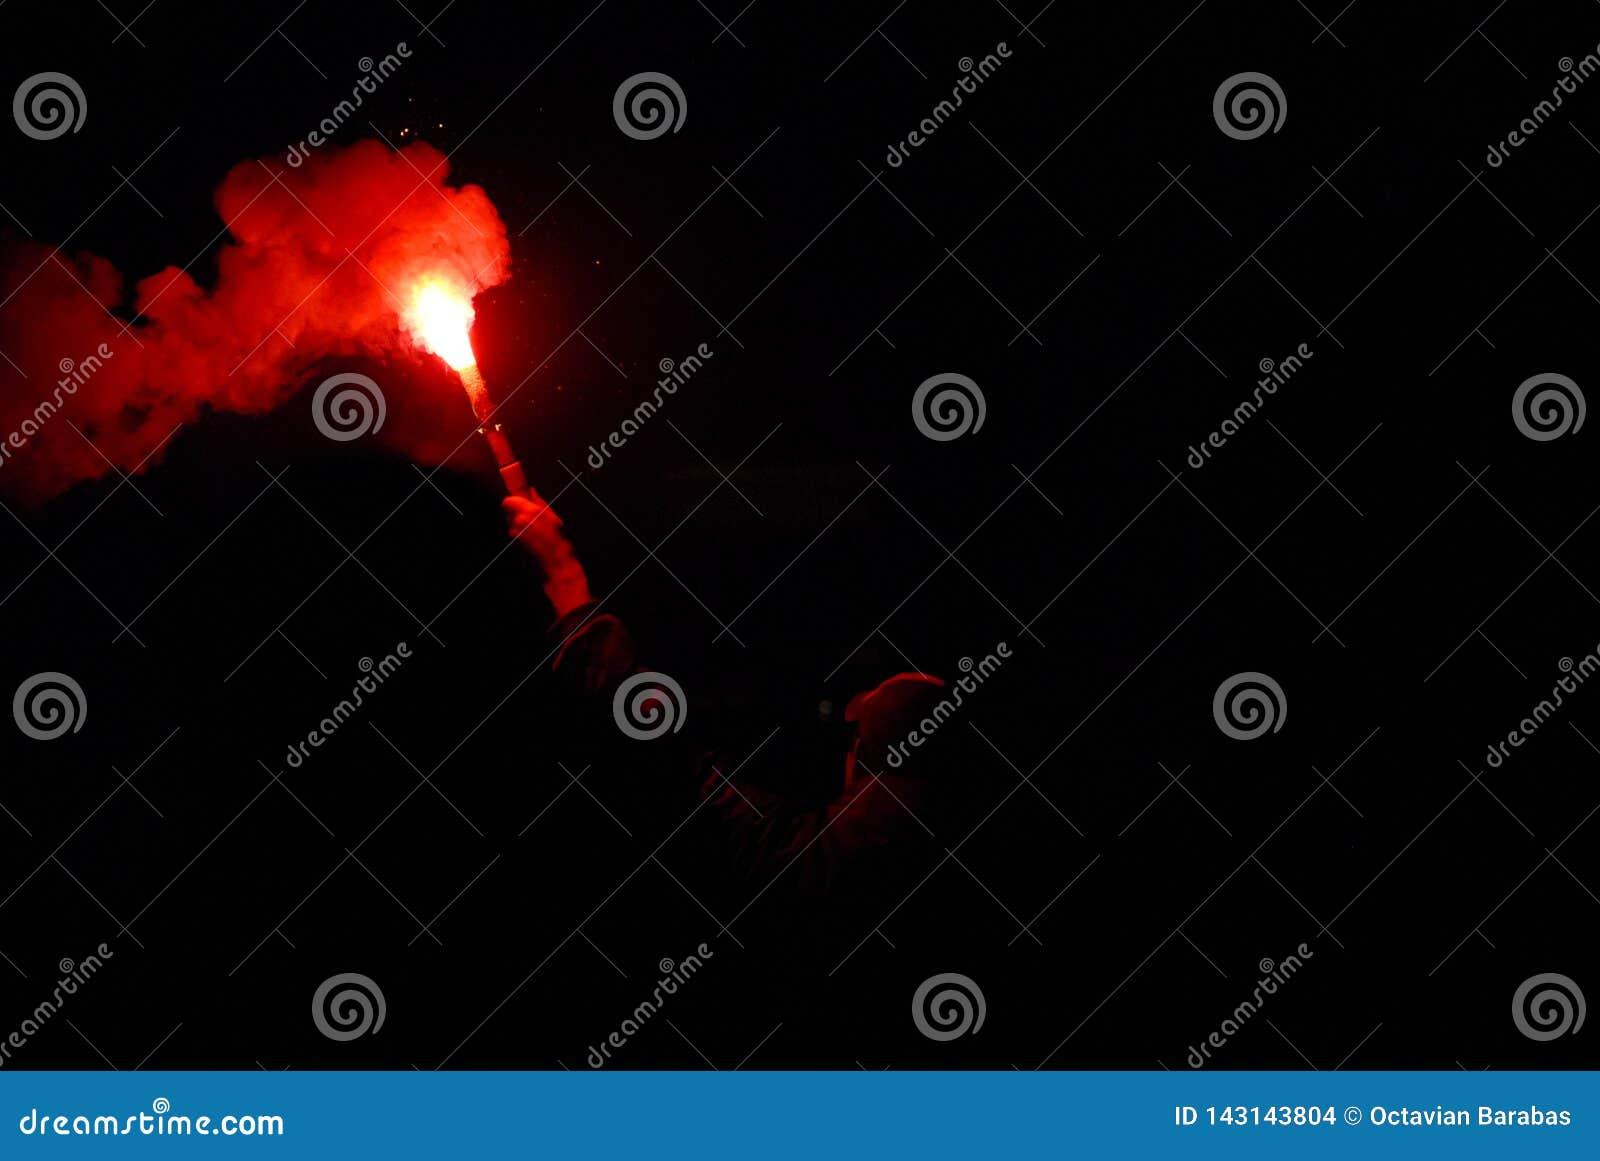 Homem que guarda uma vara vermelha ardente da fogueira